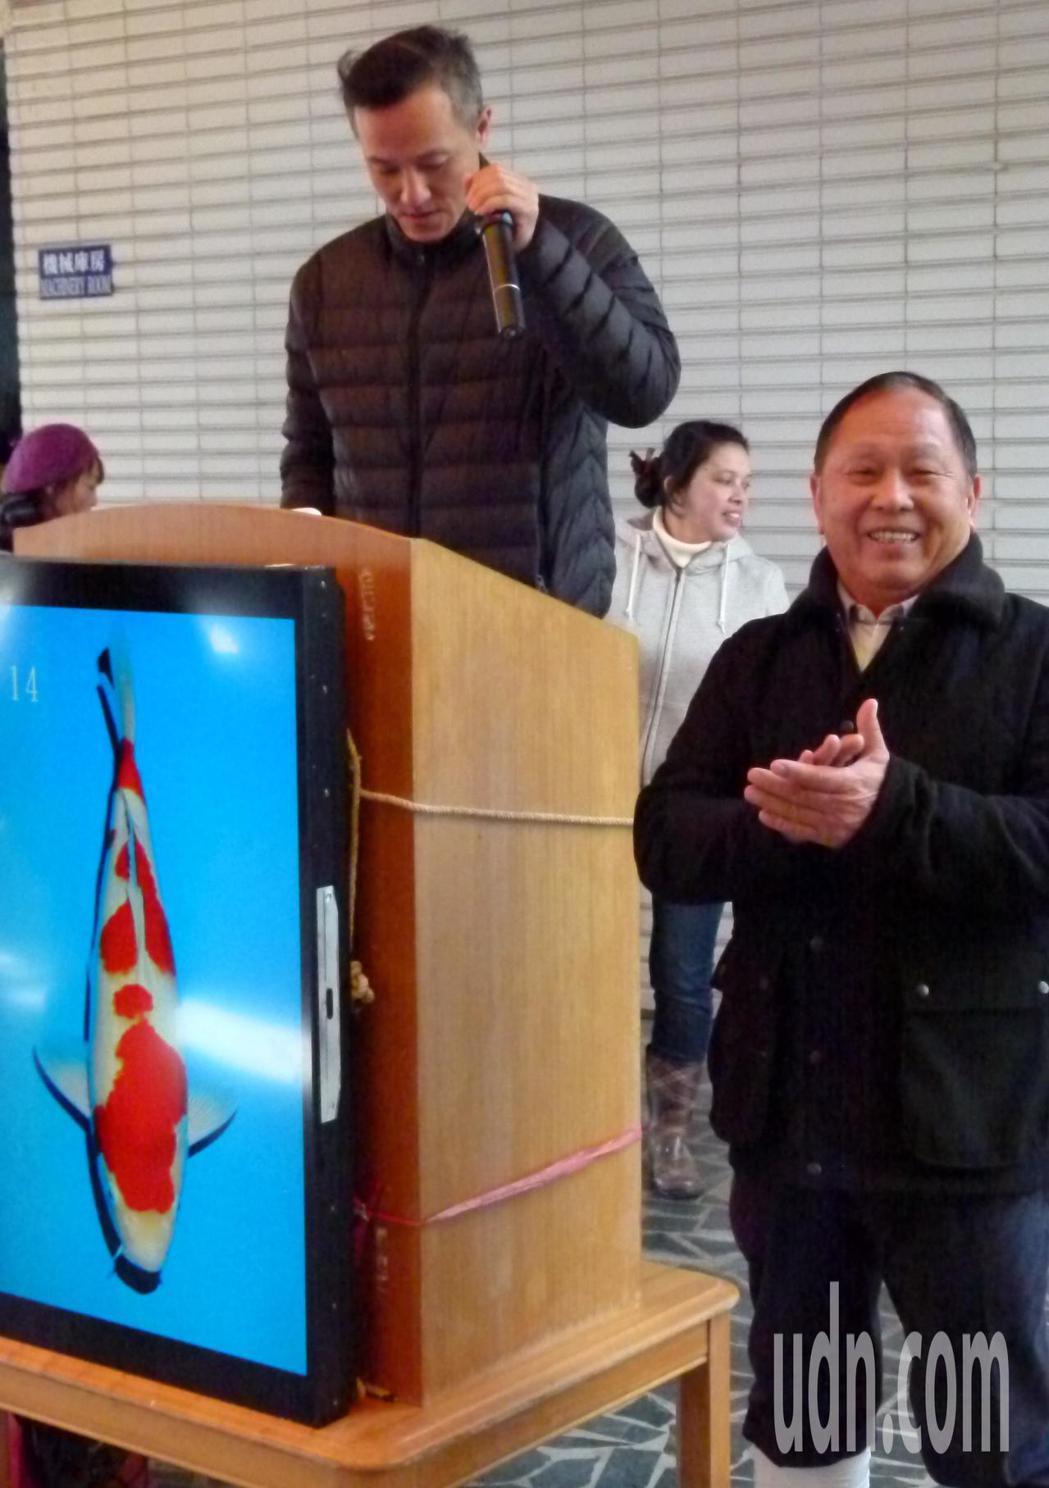 看見客人買到喜歡的錦鯉,李永華(右)為他們高興。記者鄭國樑/攝影